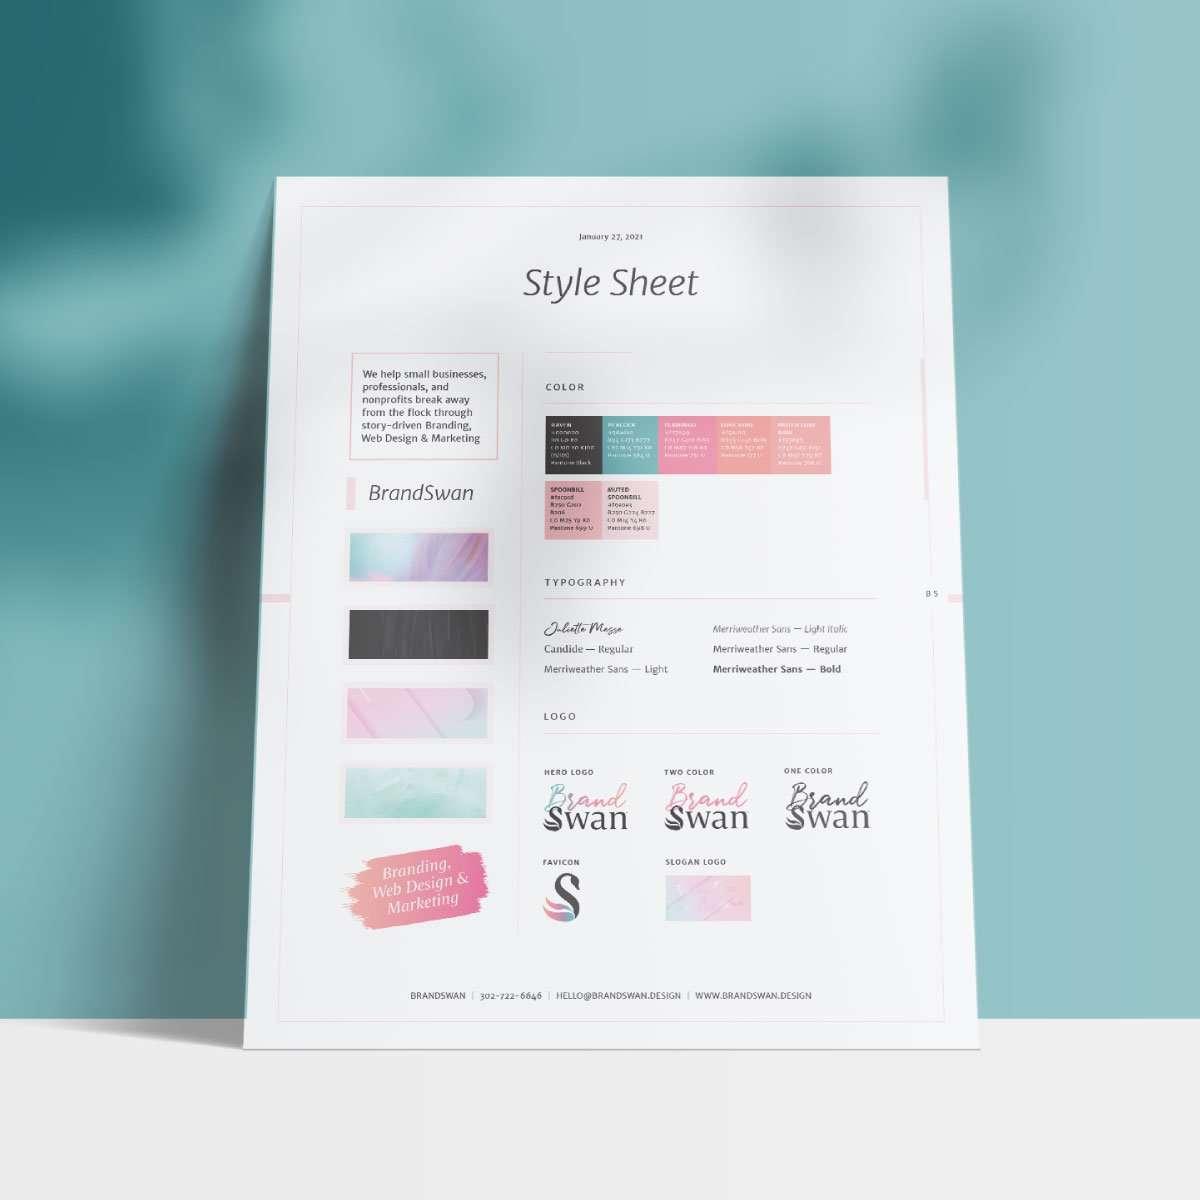 Style sheet for BrandSwan, a Delaware branding agency